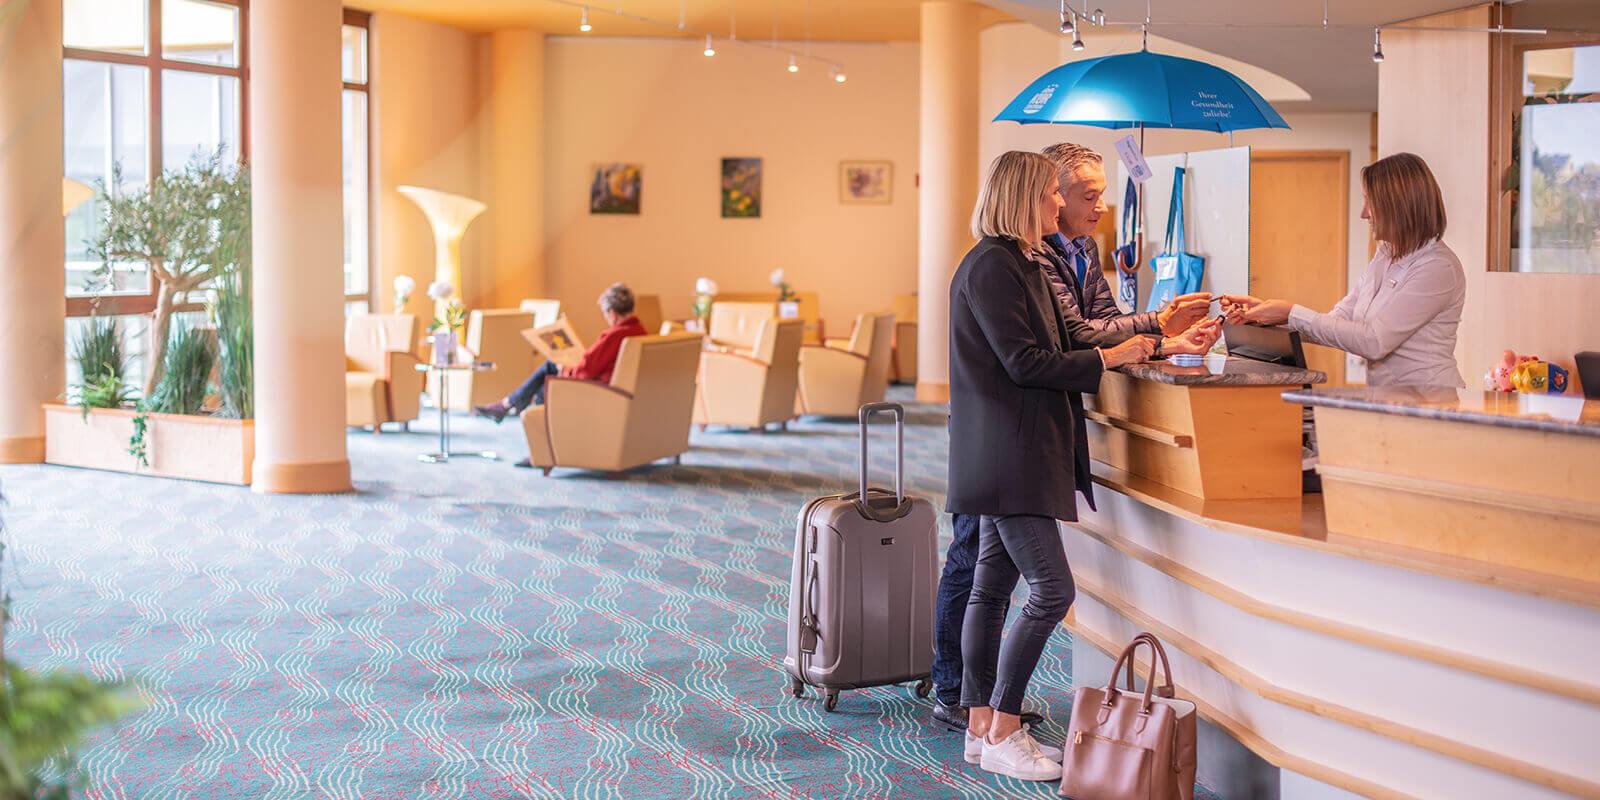 Check in im Vier-Sterne-Hotel für einen entspannten Gesundheitsurlaub